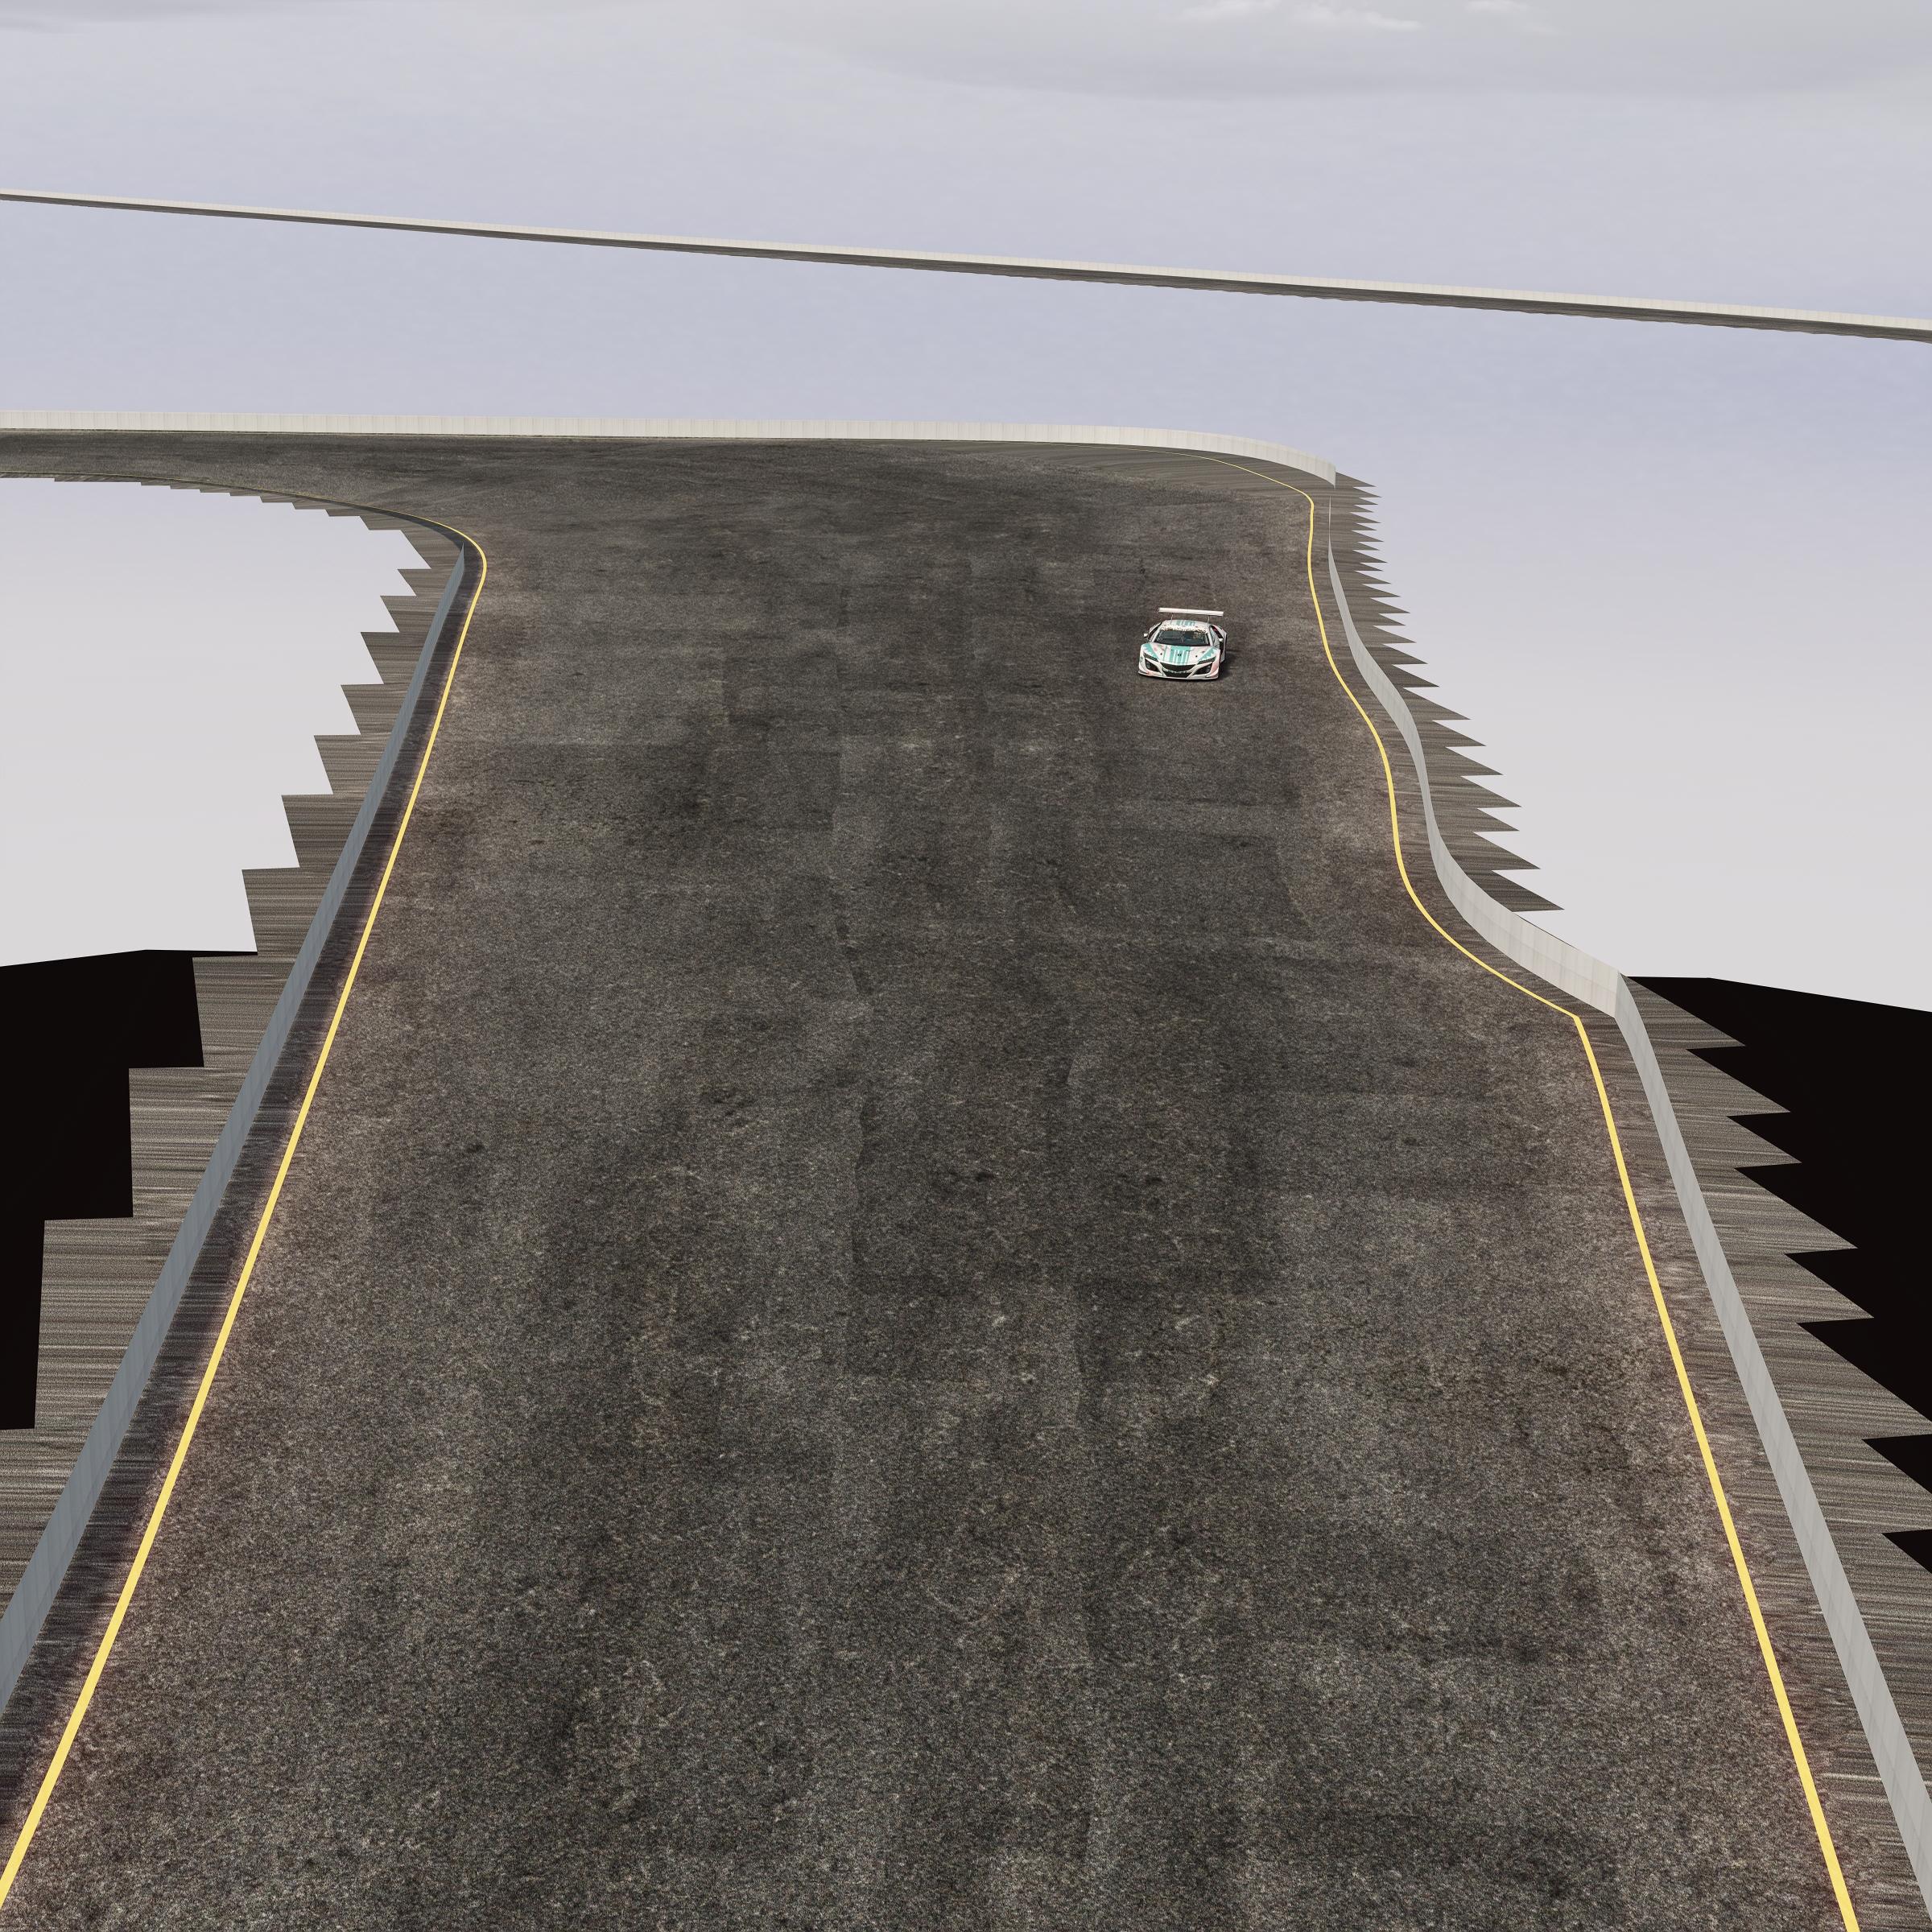 Screenshot_honda_nsx_gt3_endurance_acc_gp3r_trois_rivieres_29-8-120-23-28-33.jpg